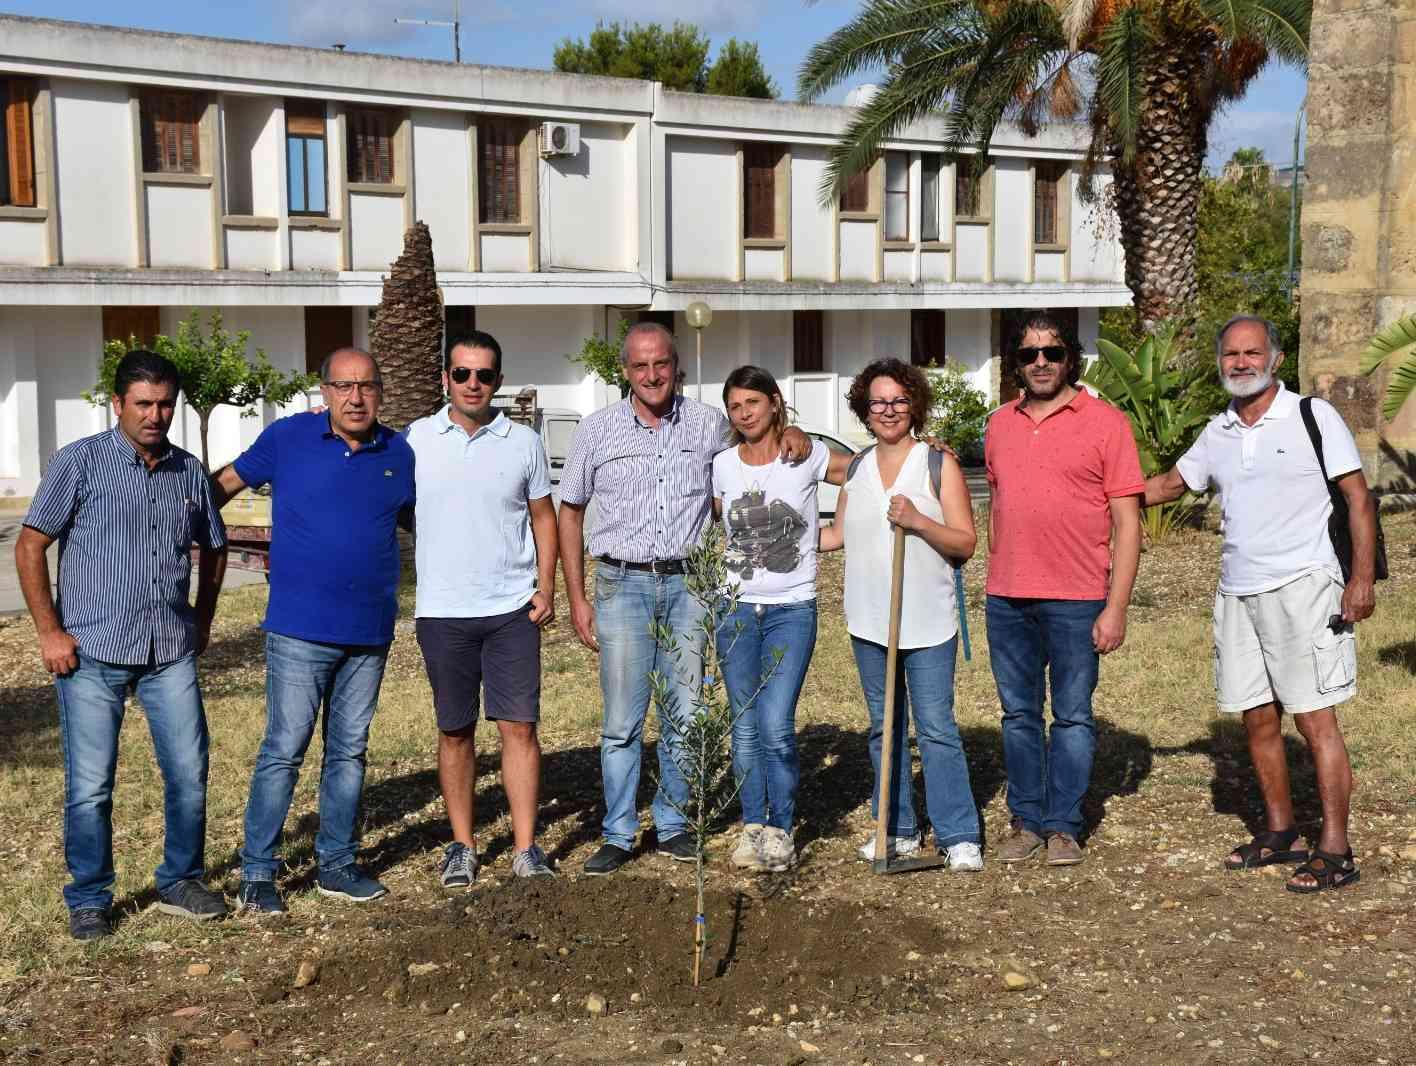 Immagine articolo: Salaparuta, cittadini donano al comune un albero di ulivo per la Giornata mondiale dell'Albero 2019